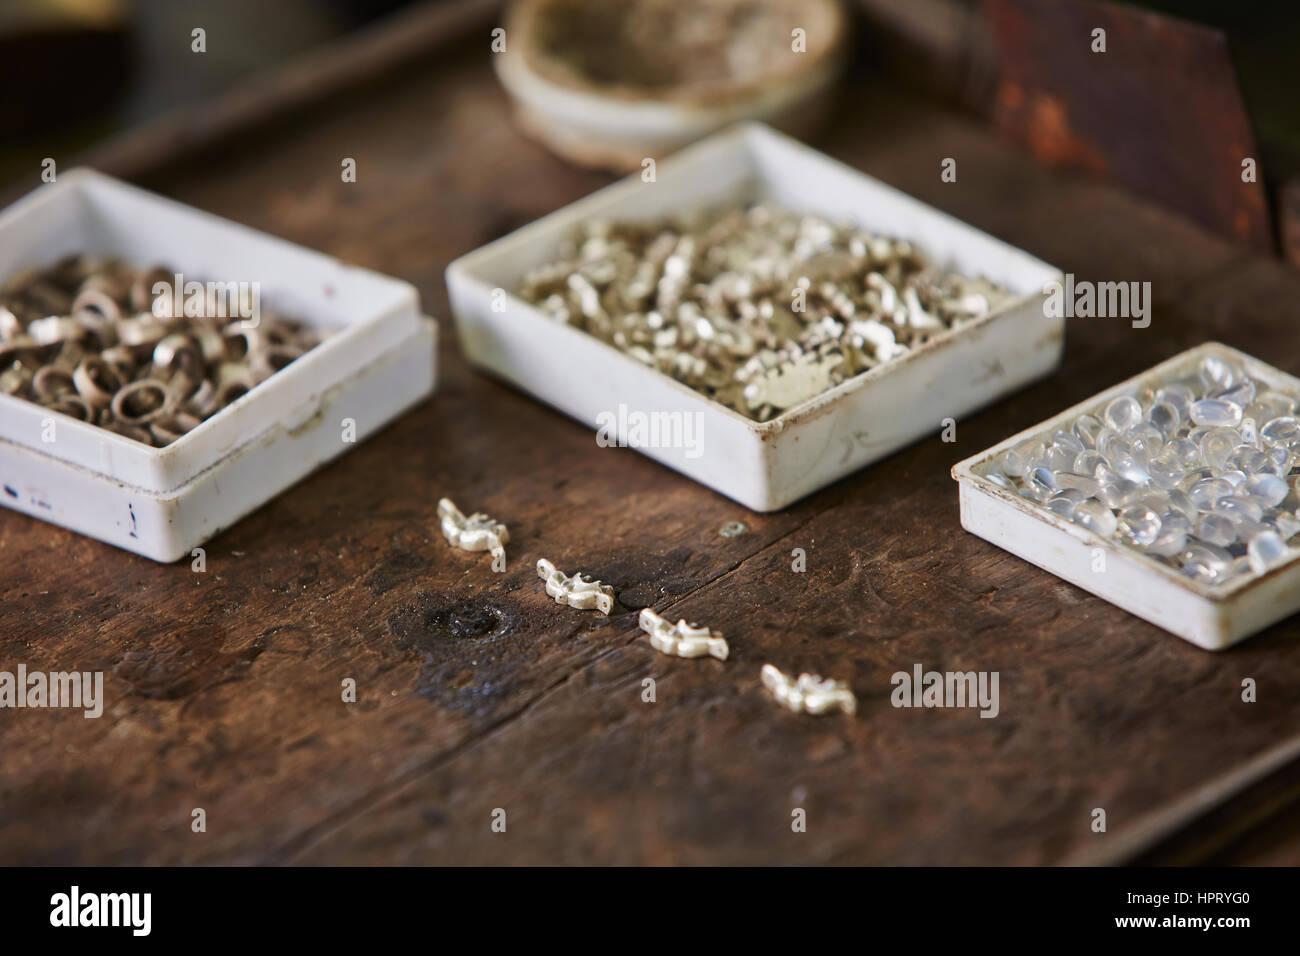 prix le plus bas disponible 50% de réduction Table de travail en atelier bijoux au Sri Lanka Banque D ...